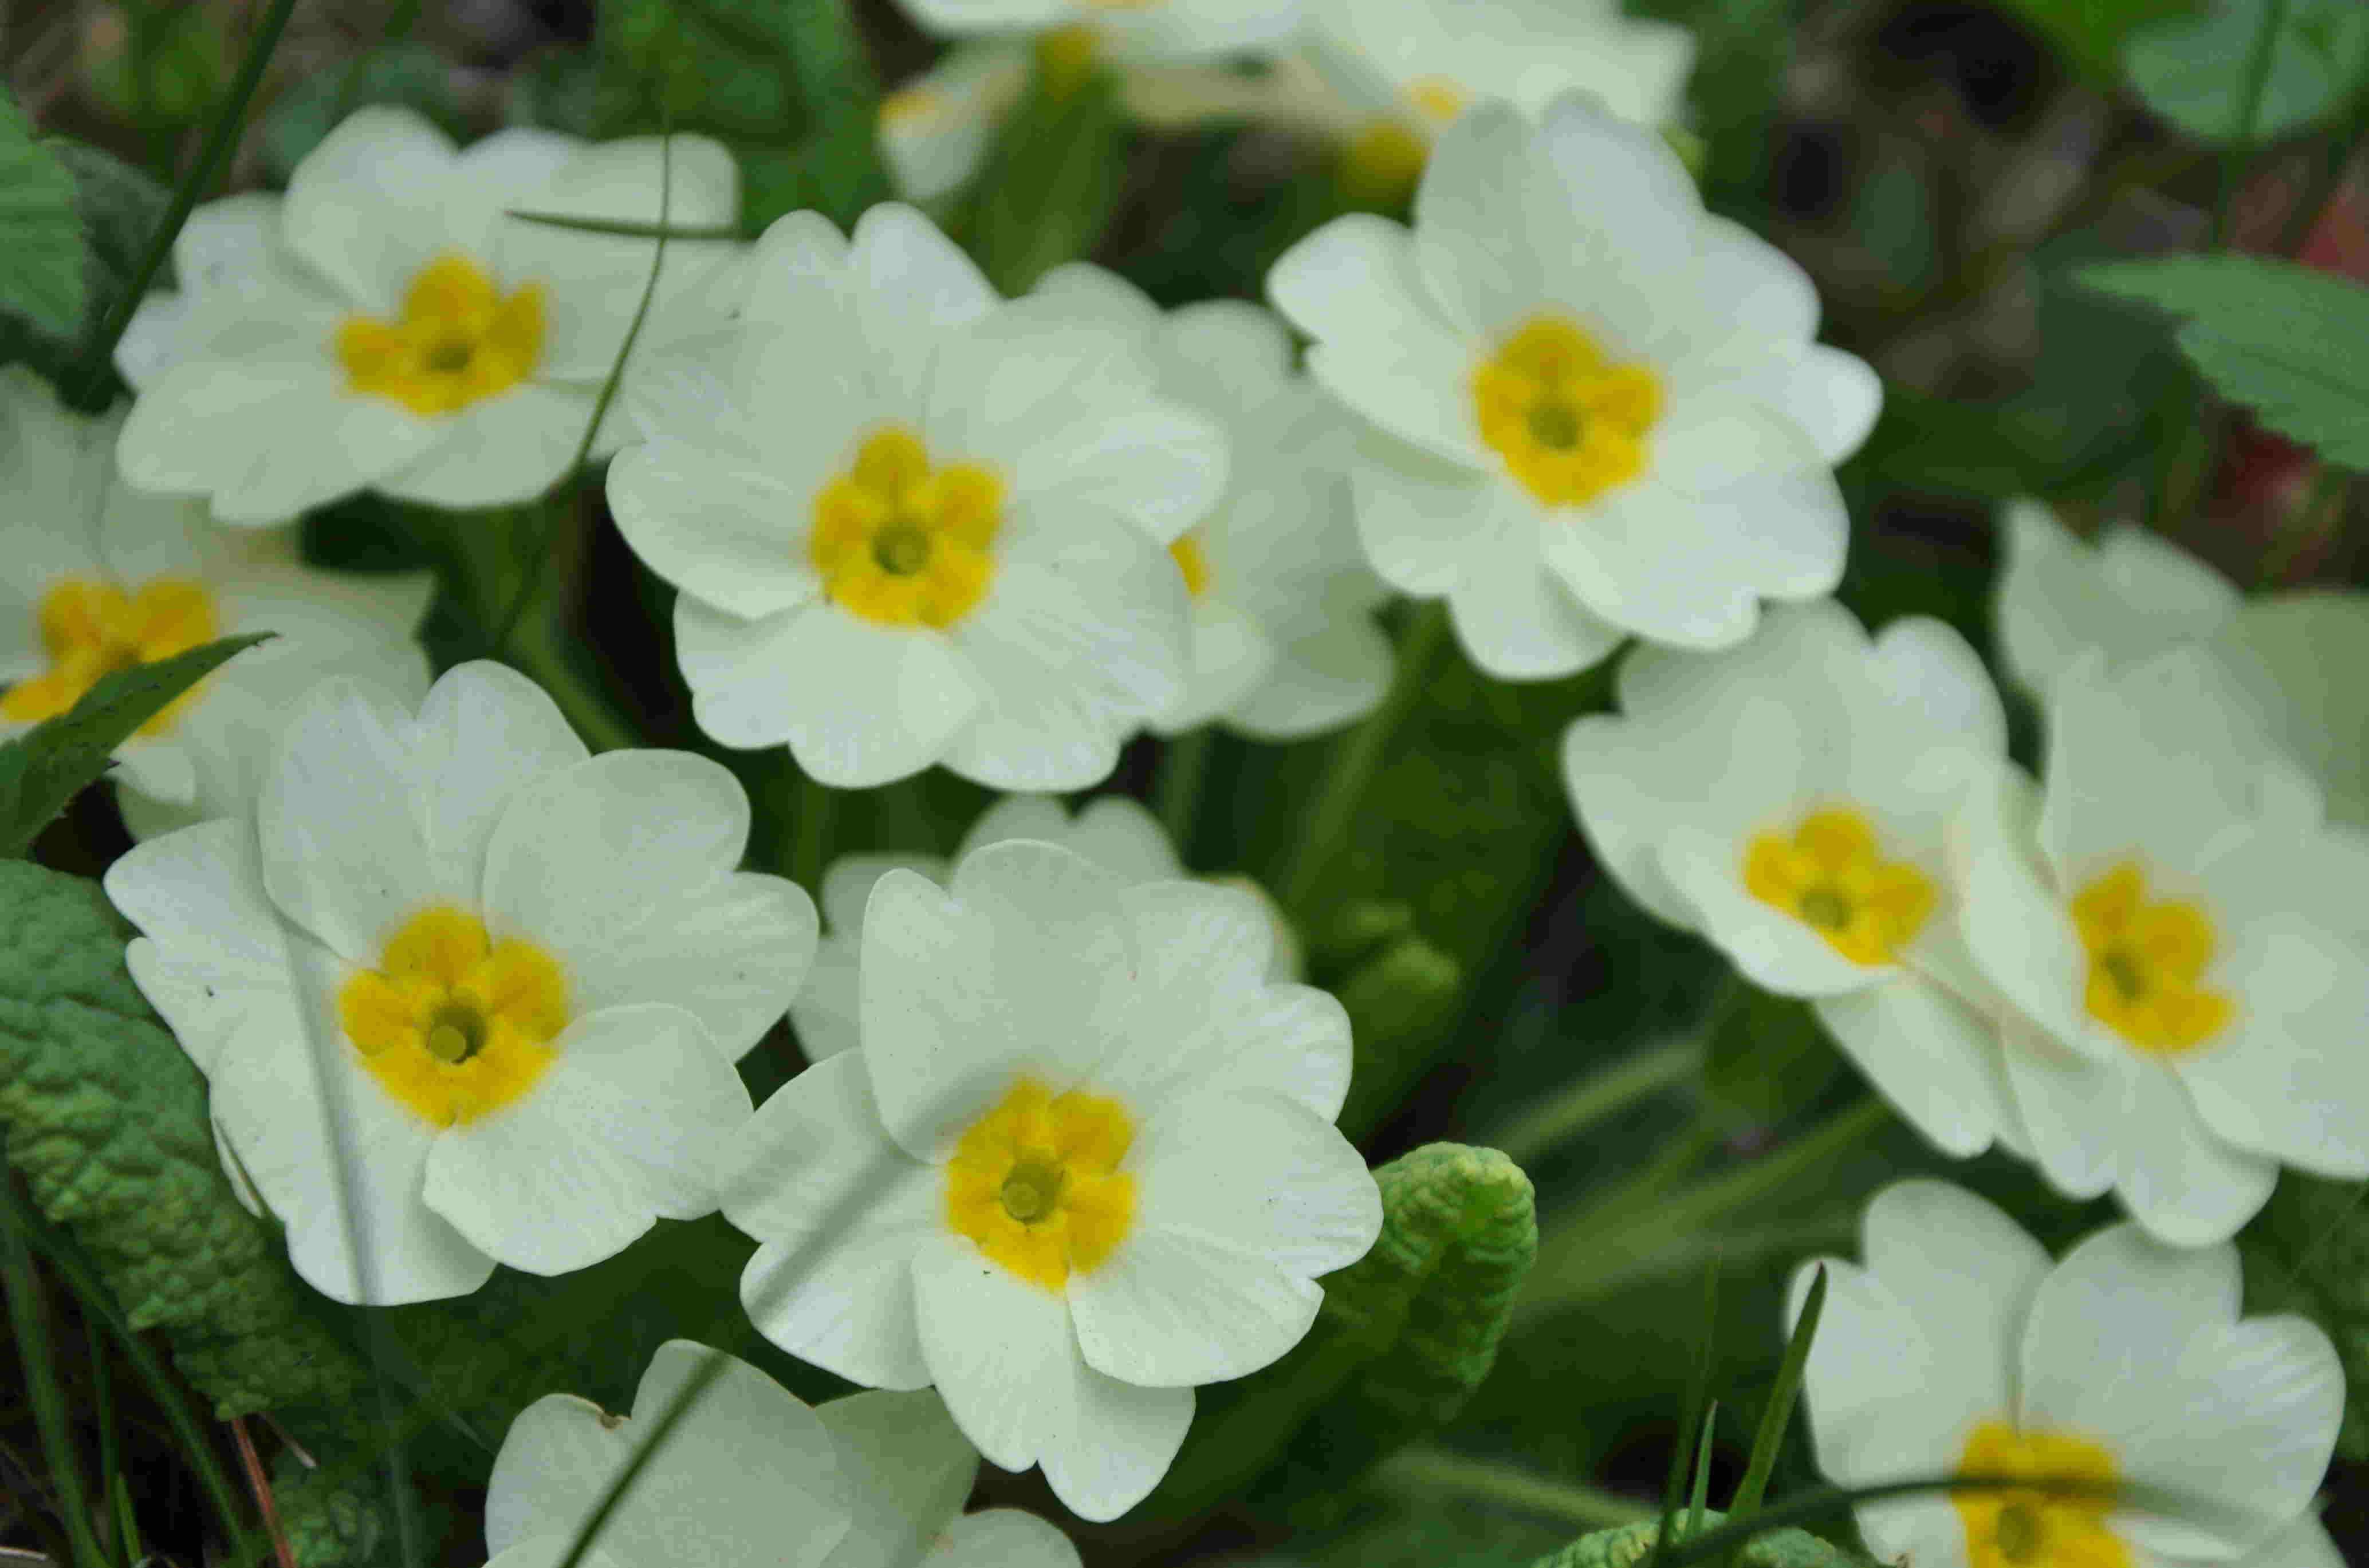 Jordvivan kan förvilda sig i trädgården om den får en lucker och fuktig jord.